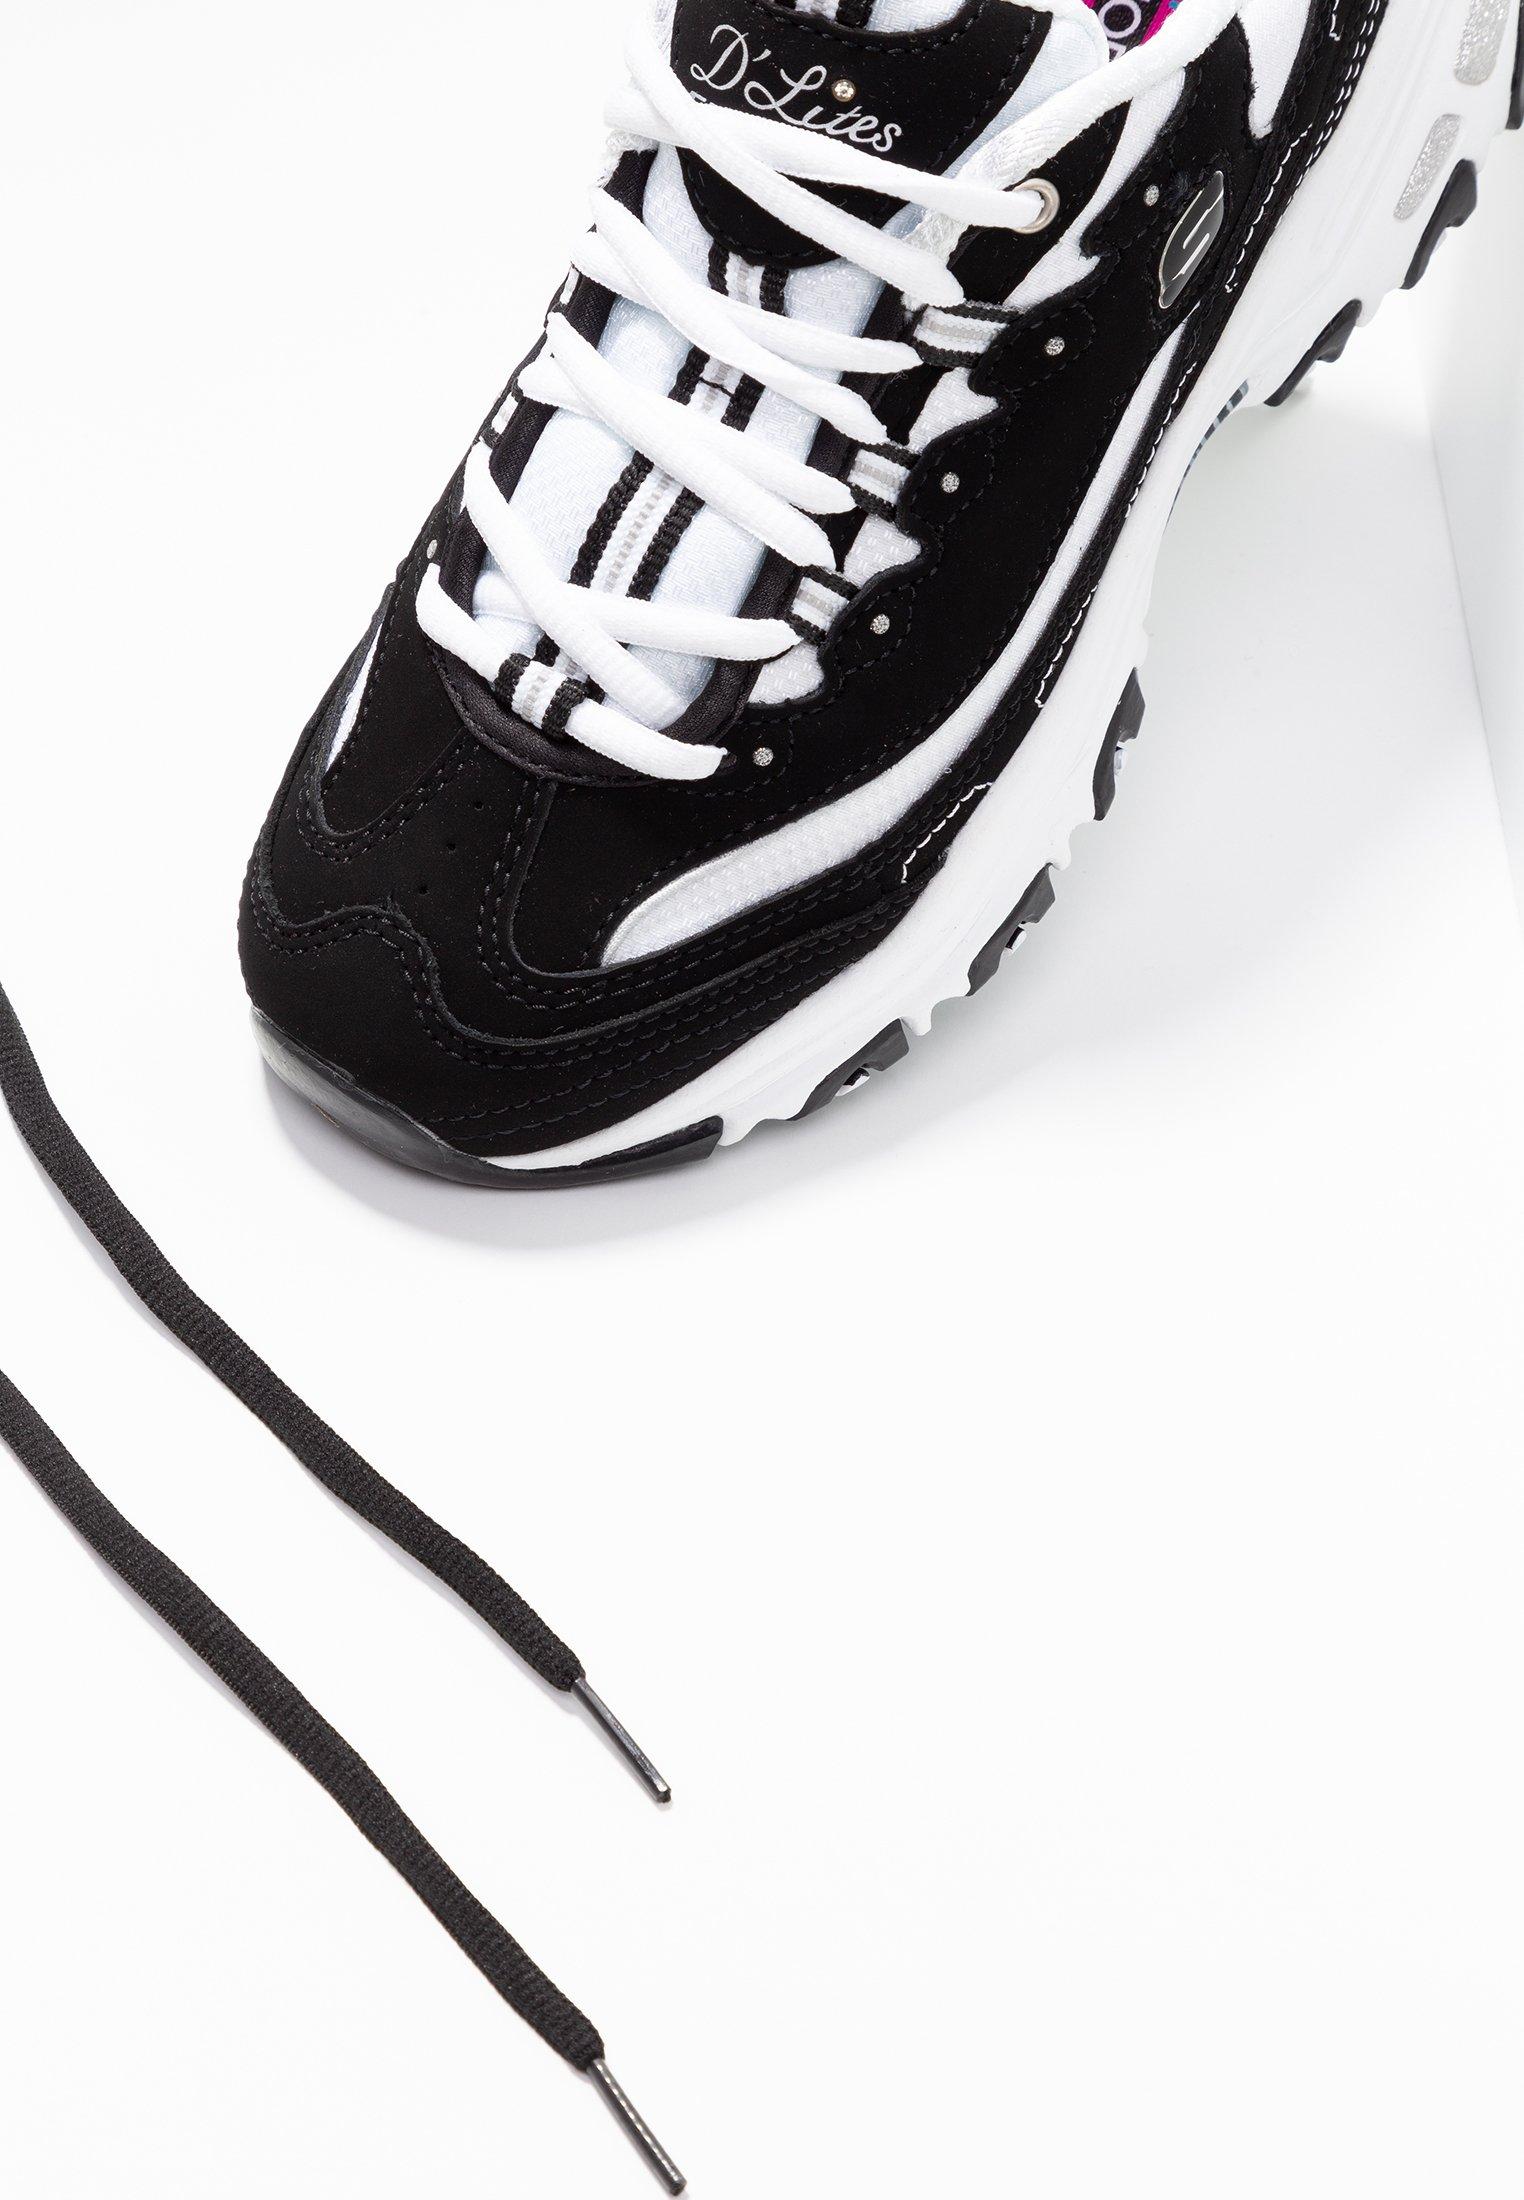 Skechers Sport D'LITES Joggesko blackwhitesilversvart